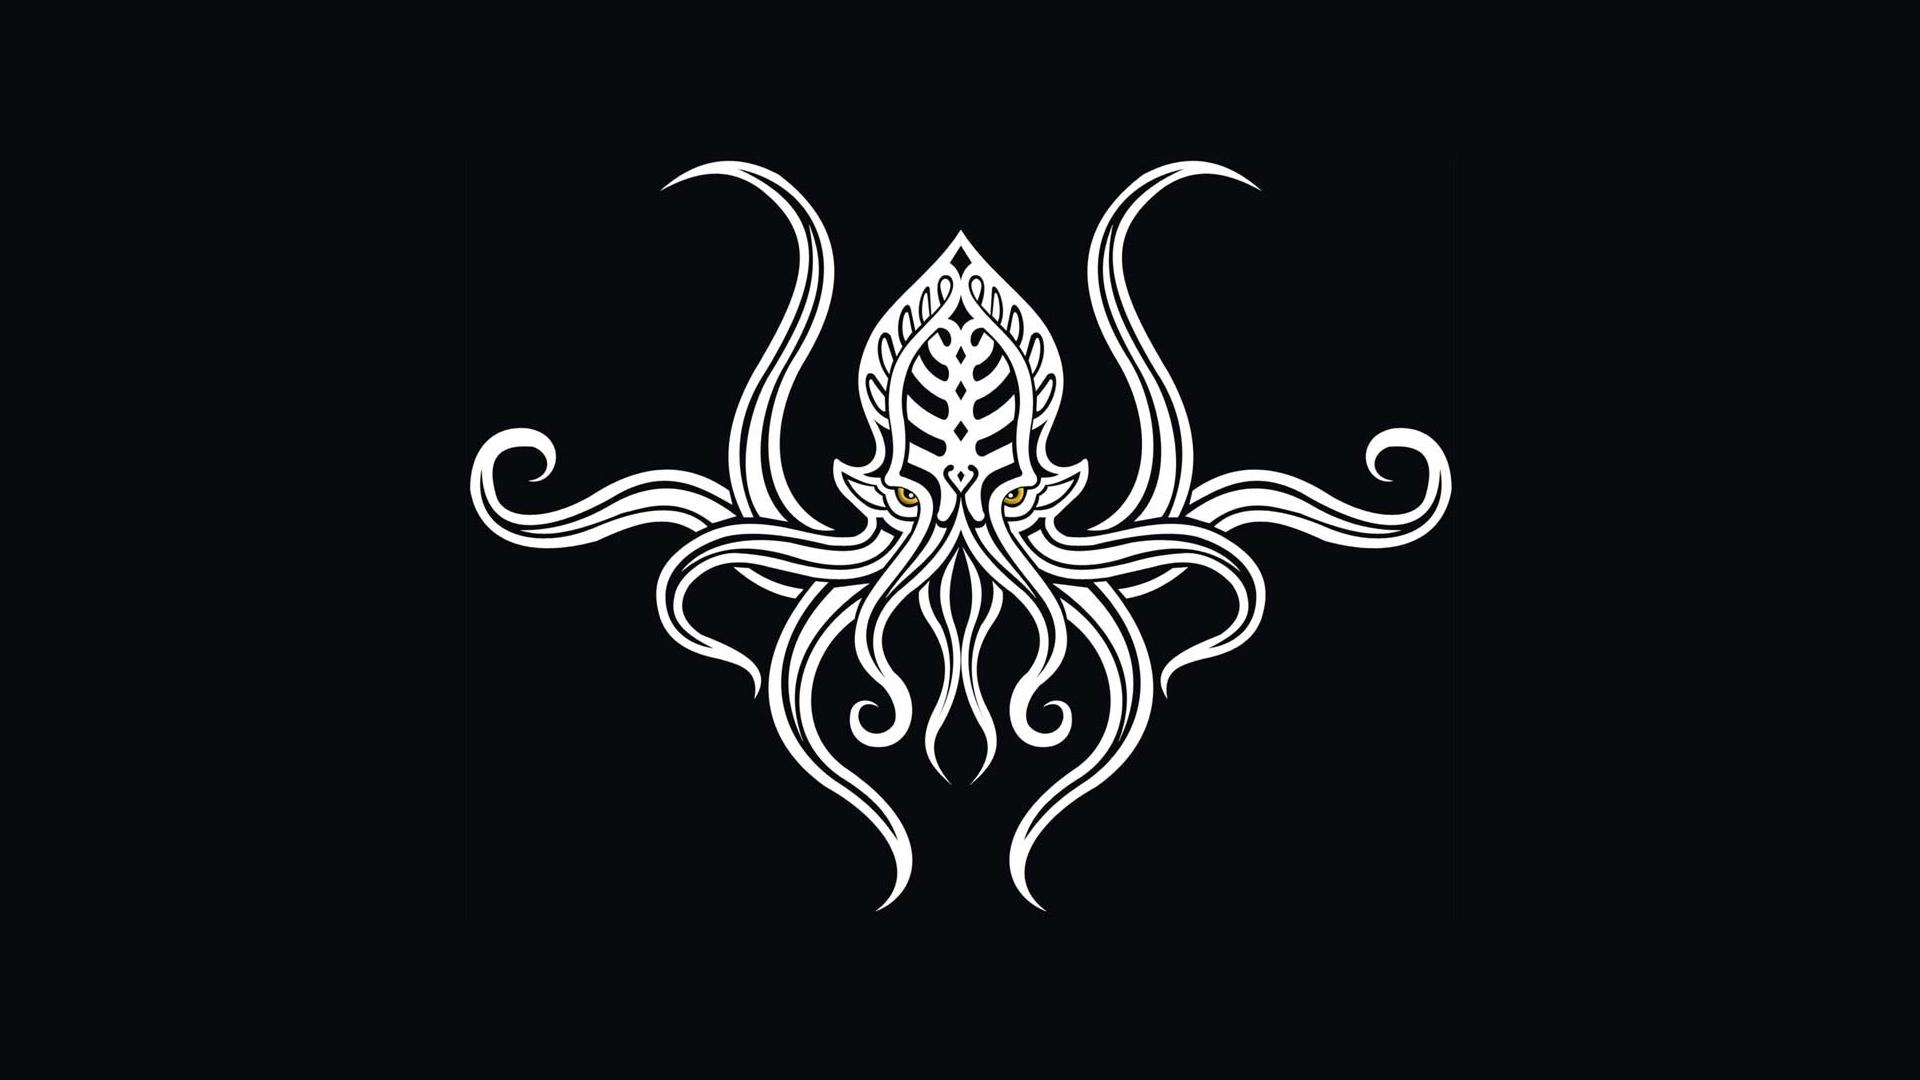 octopus wallpaper iphone 6